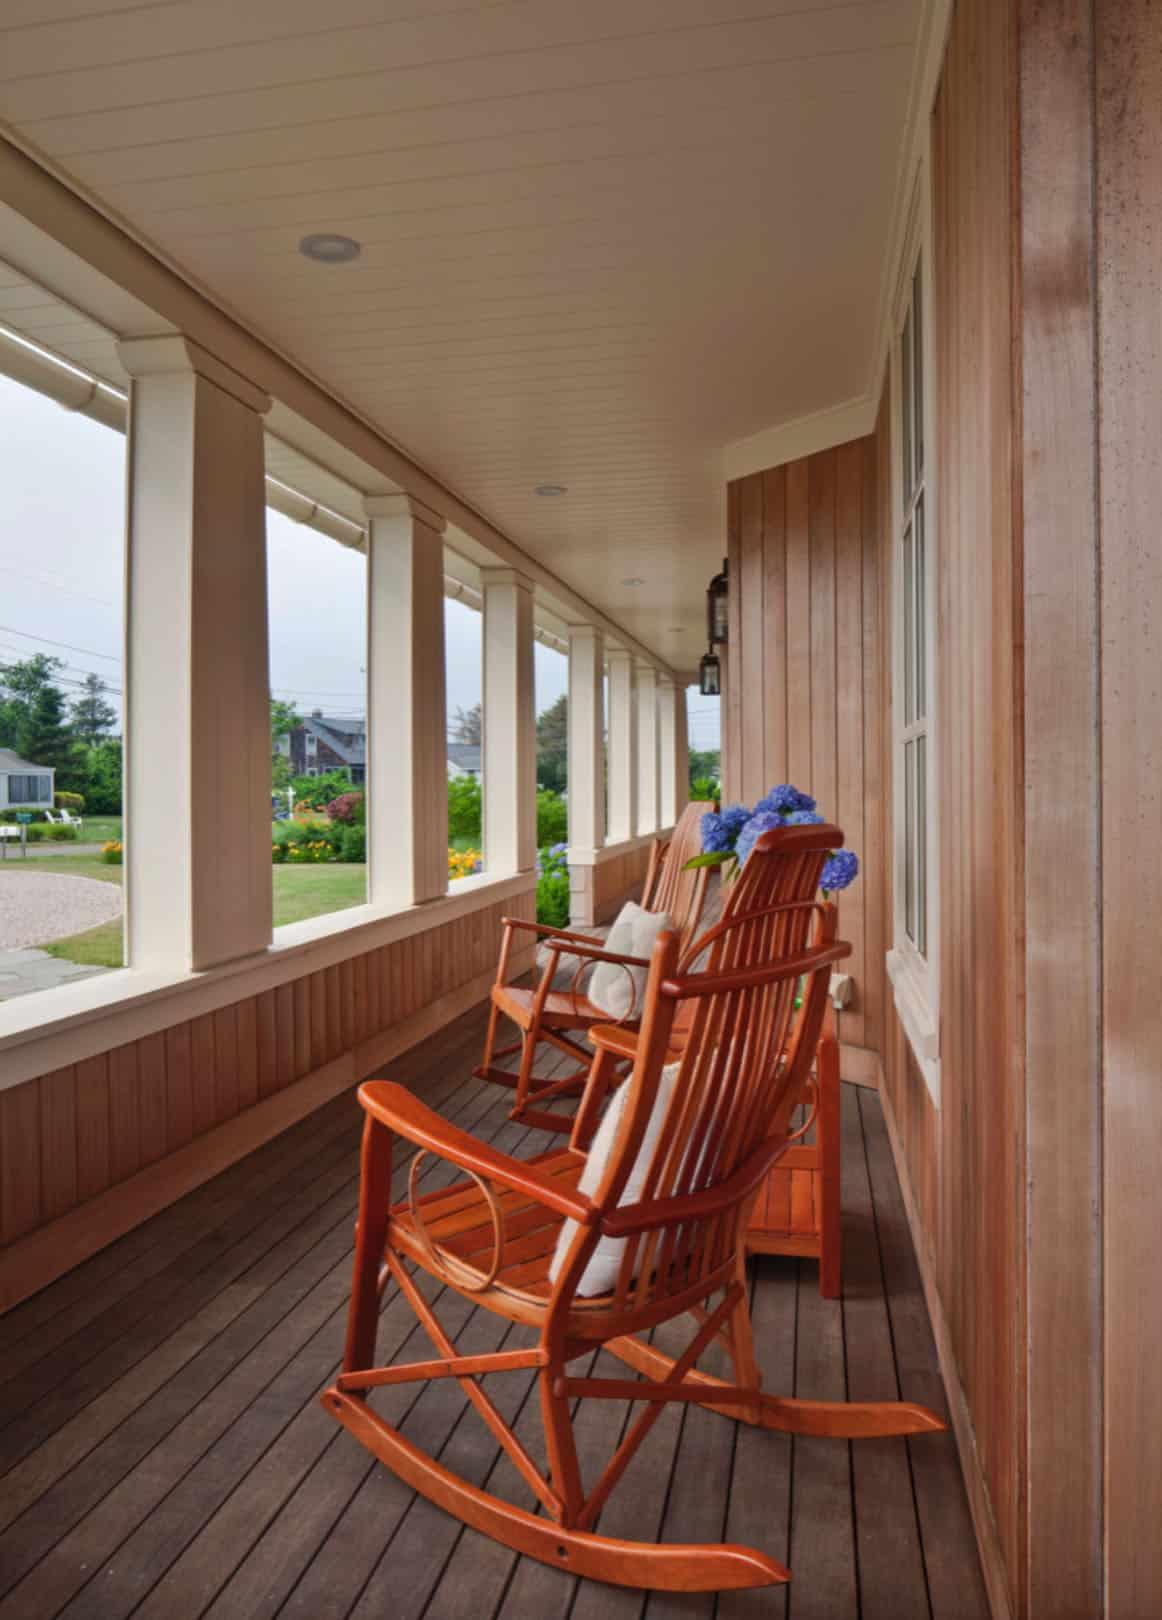 patio-couvert-de-maison-de-plage-de style bardeau